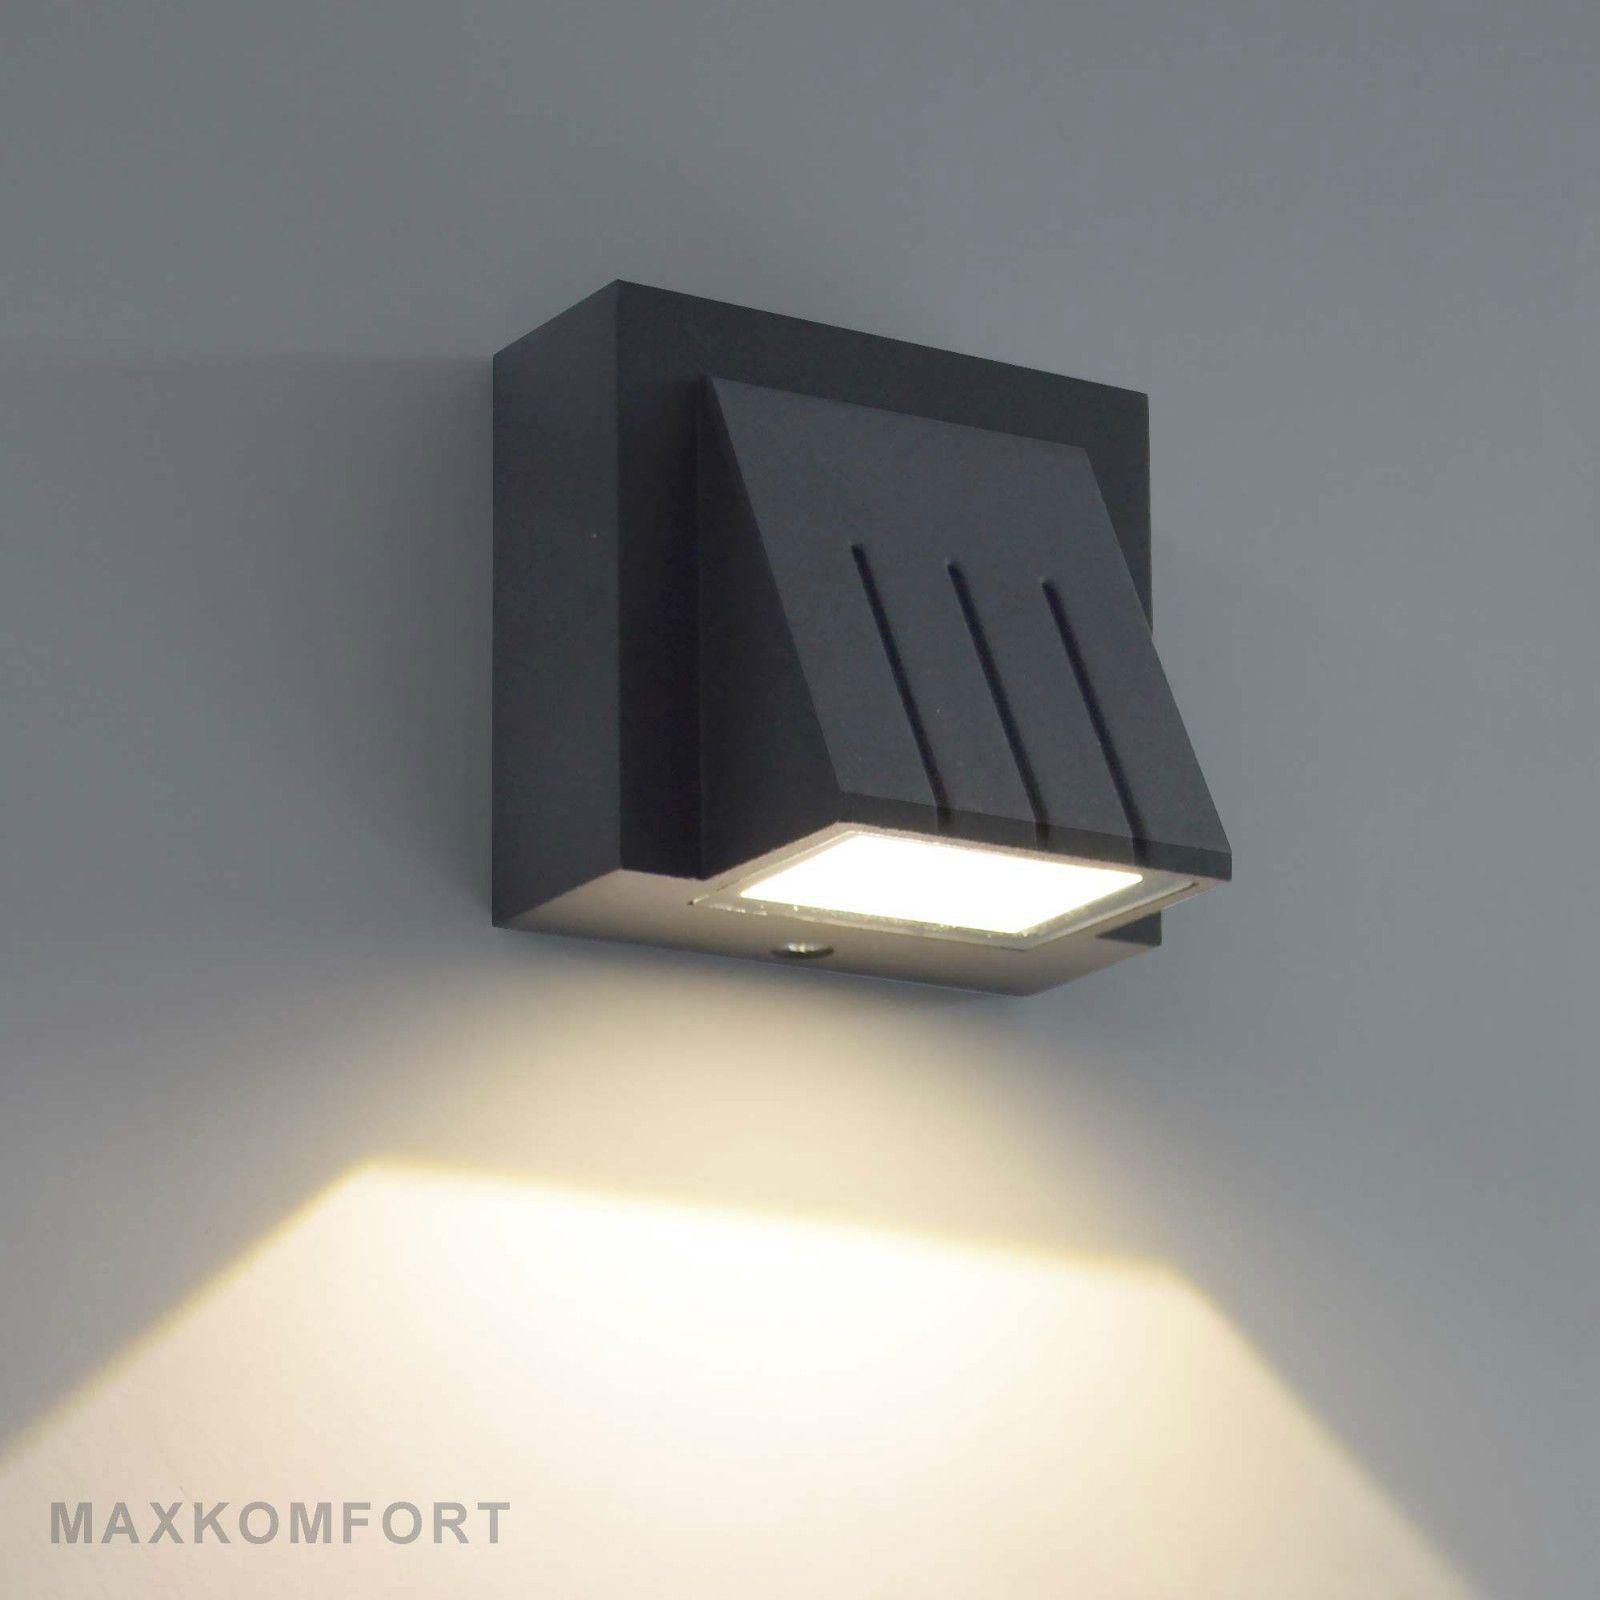 Led Außenleuchte Wandlampe Wandleuchte Außenlampe Außenlicht